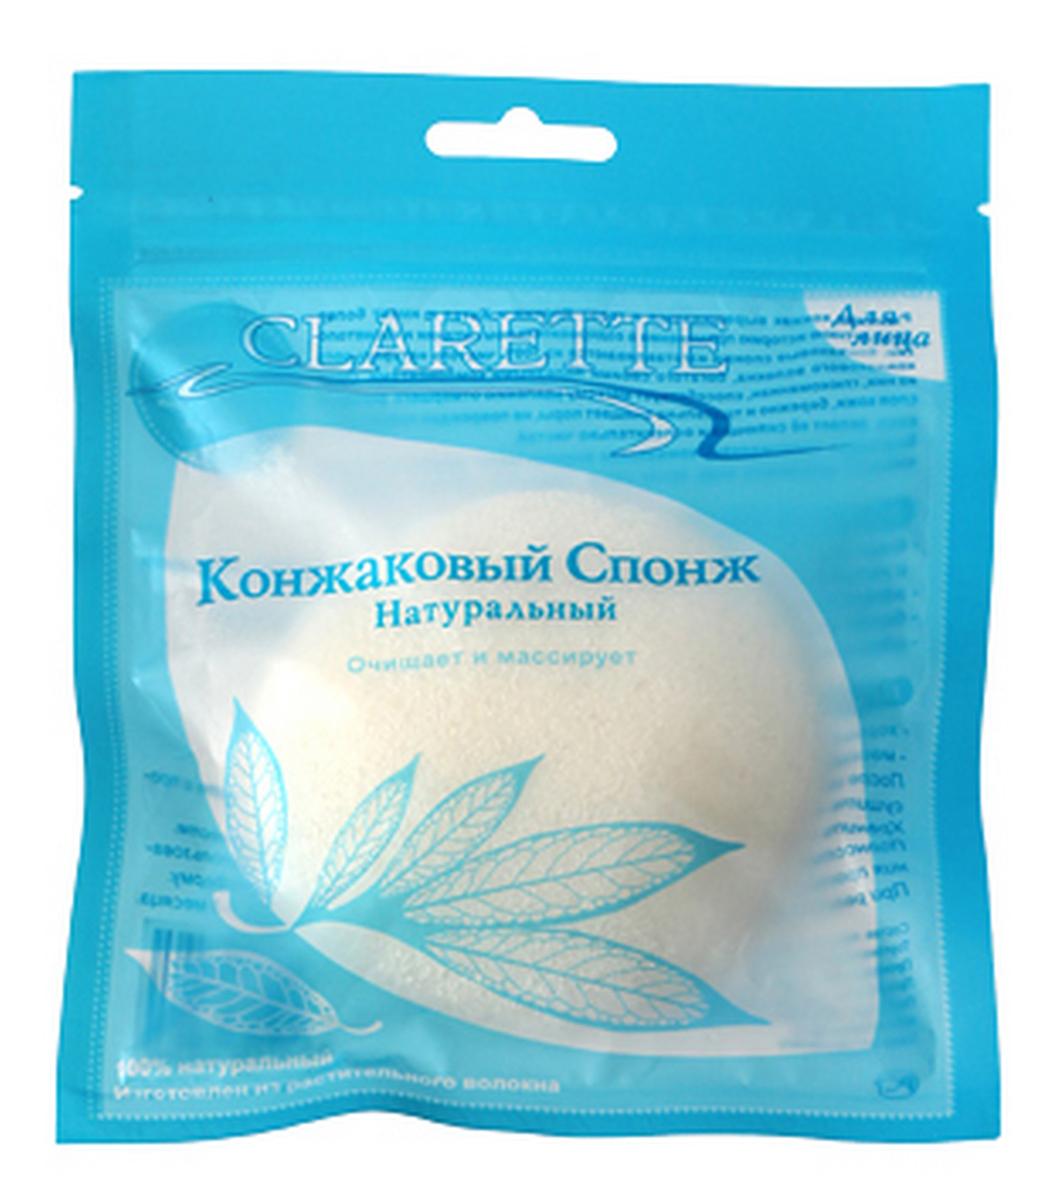 Clarette Конжаковый спонж натуральный для лица,белый1301210Конжаковый спонж натуральный для лица. Подходит для любого типа кожи. Очищает и массирует 100% натуральный. Изготовлен из растительного волокна. Растение Конжак выращивается в горах Японии и Китая и имеет более 2000-летнюю историю применения в оздоровительном питании и косметологии. Конжаковые спонжи изготавливаются из 100% чистого натурального конжакового волокна, богатого своими полезными компонентами. Один из них, глюкоманан, способствует мягкому удалению отмершего рогового слоя кожи, бережно и тщательно очищает поры, не повреждая поверхностть кожи, делает ее сияющей и ослепительно чистой. Благодаря глюкоманану, конжаковое волокно имеет удивительную способность удерживать воду делая спонж невероятно мягким и нежным. Благодаря необычайно мягкой структуре, спонж аккуратно очищает, массирует и увлажняет кожу, придавая ей натуральный блеск - эффективно борется с бактериями, вызывающими угревую сыпь (акне)- балансирует PH кожи.